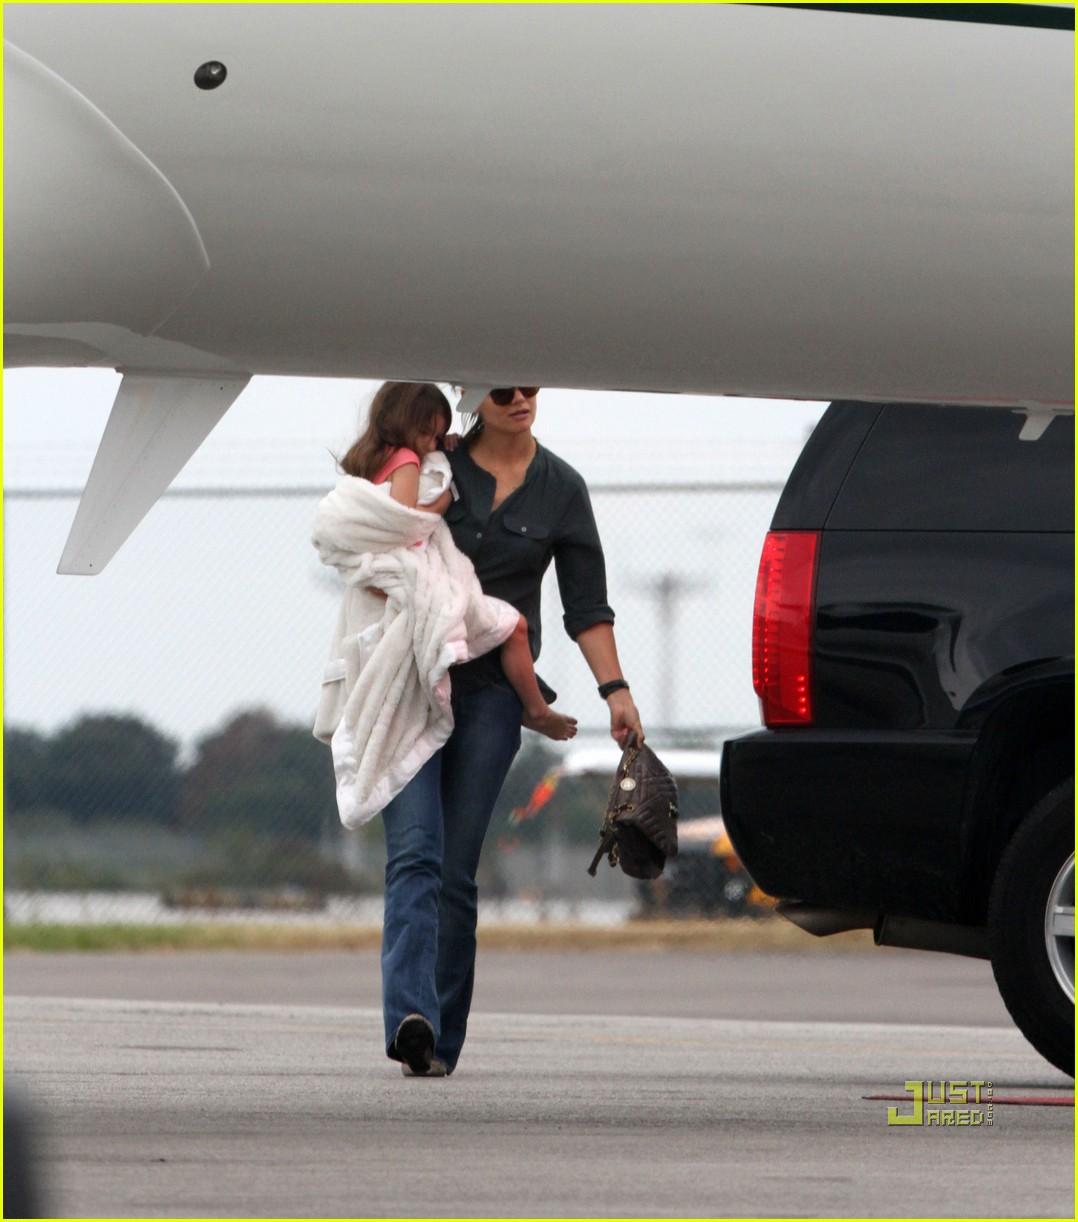 http://4.bp.blogspot.com/_iaWvO7Ov4MY/TPyiSri09II/AAAAAAAABnk/afyUUMZ7IQ0/s1600/katie-holmes-private-jet-01.jpg